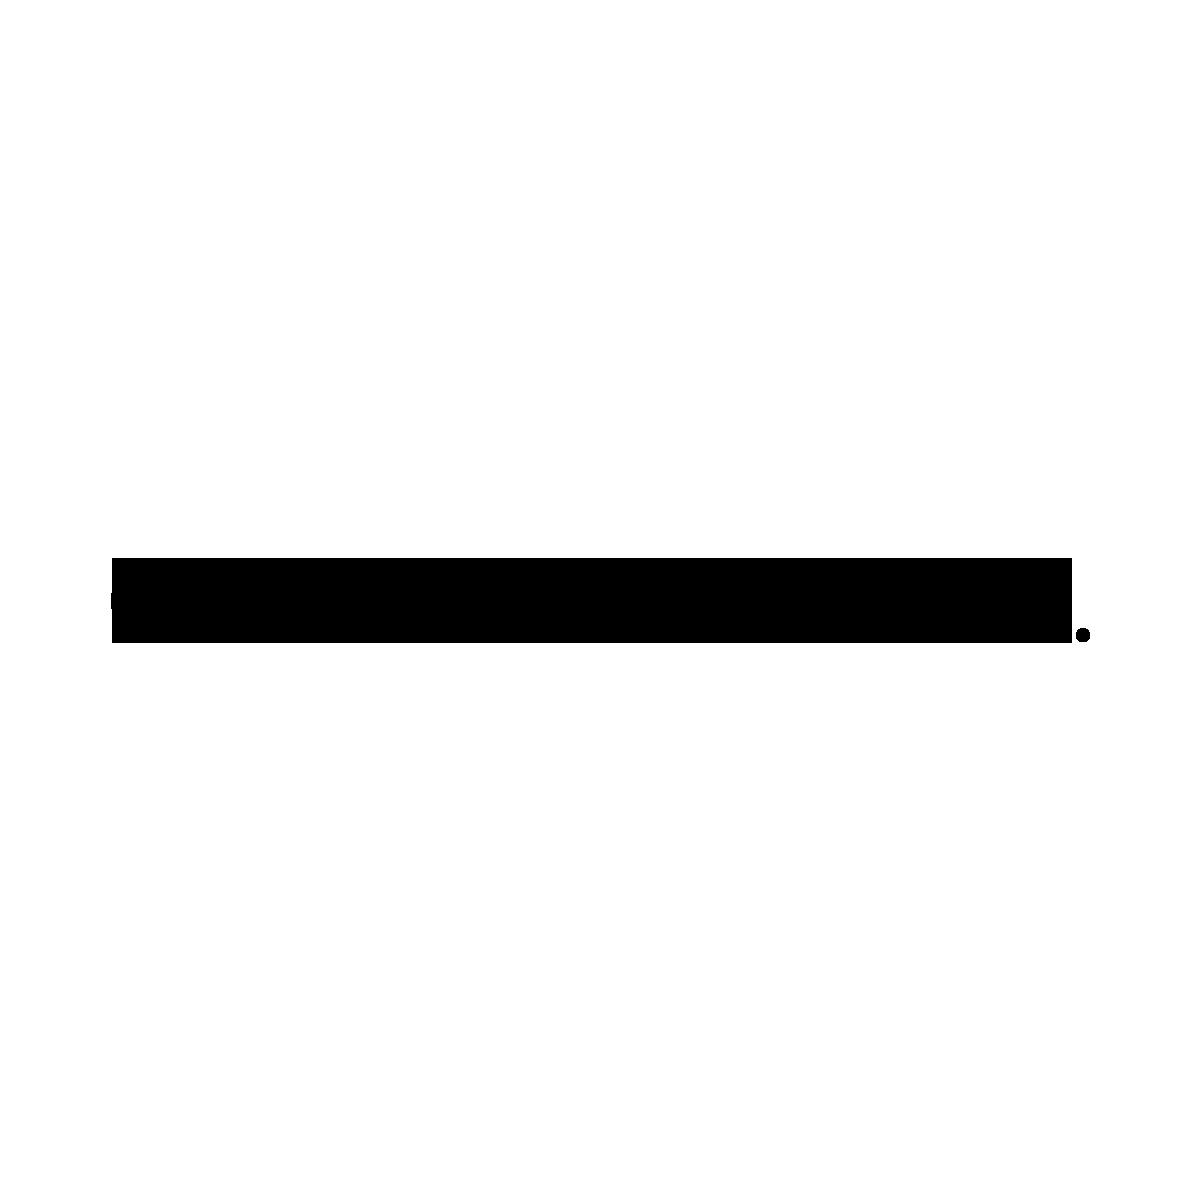 fred de la bretoniere shoulderbag in black natural dyed leather 262010001 detail front